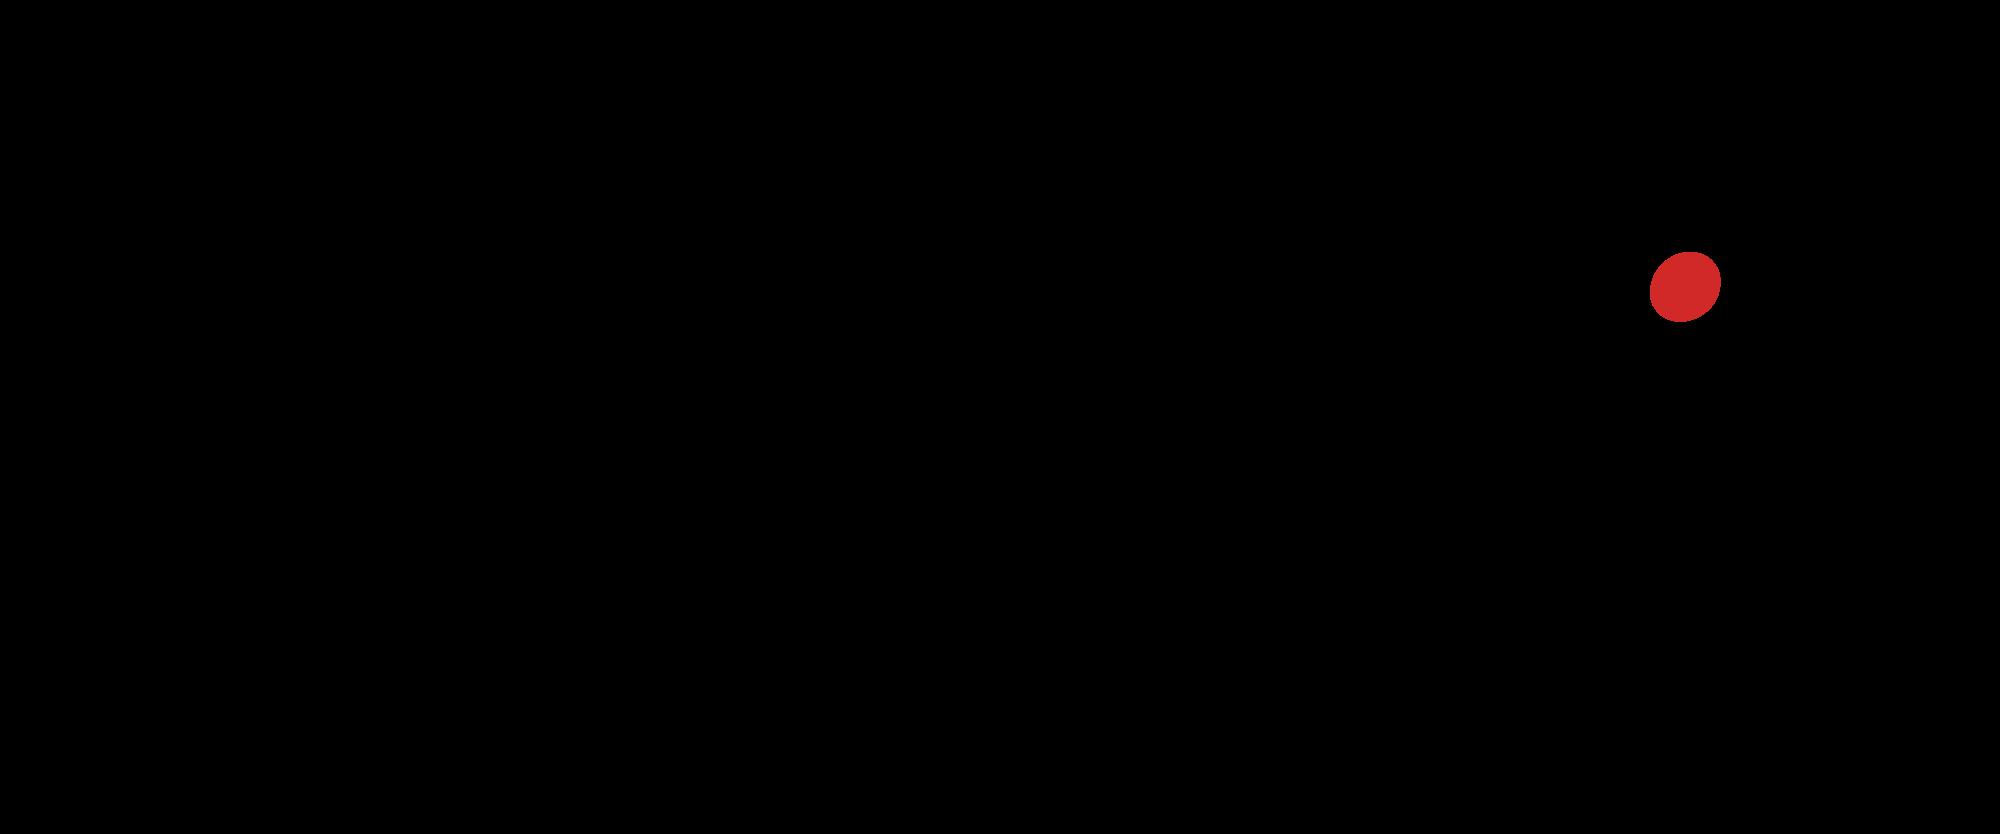 Liepājas pilsētas logo